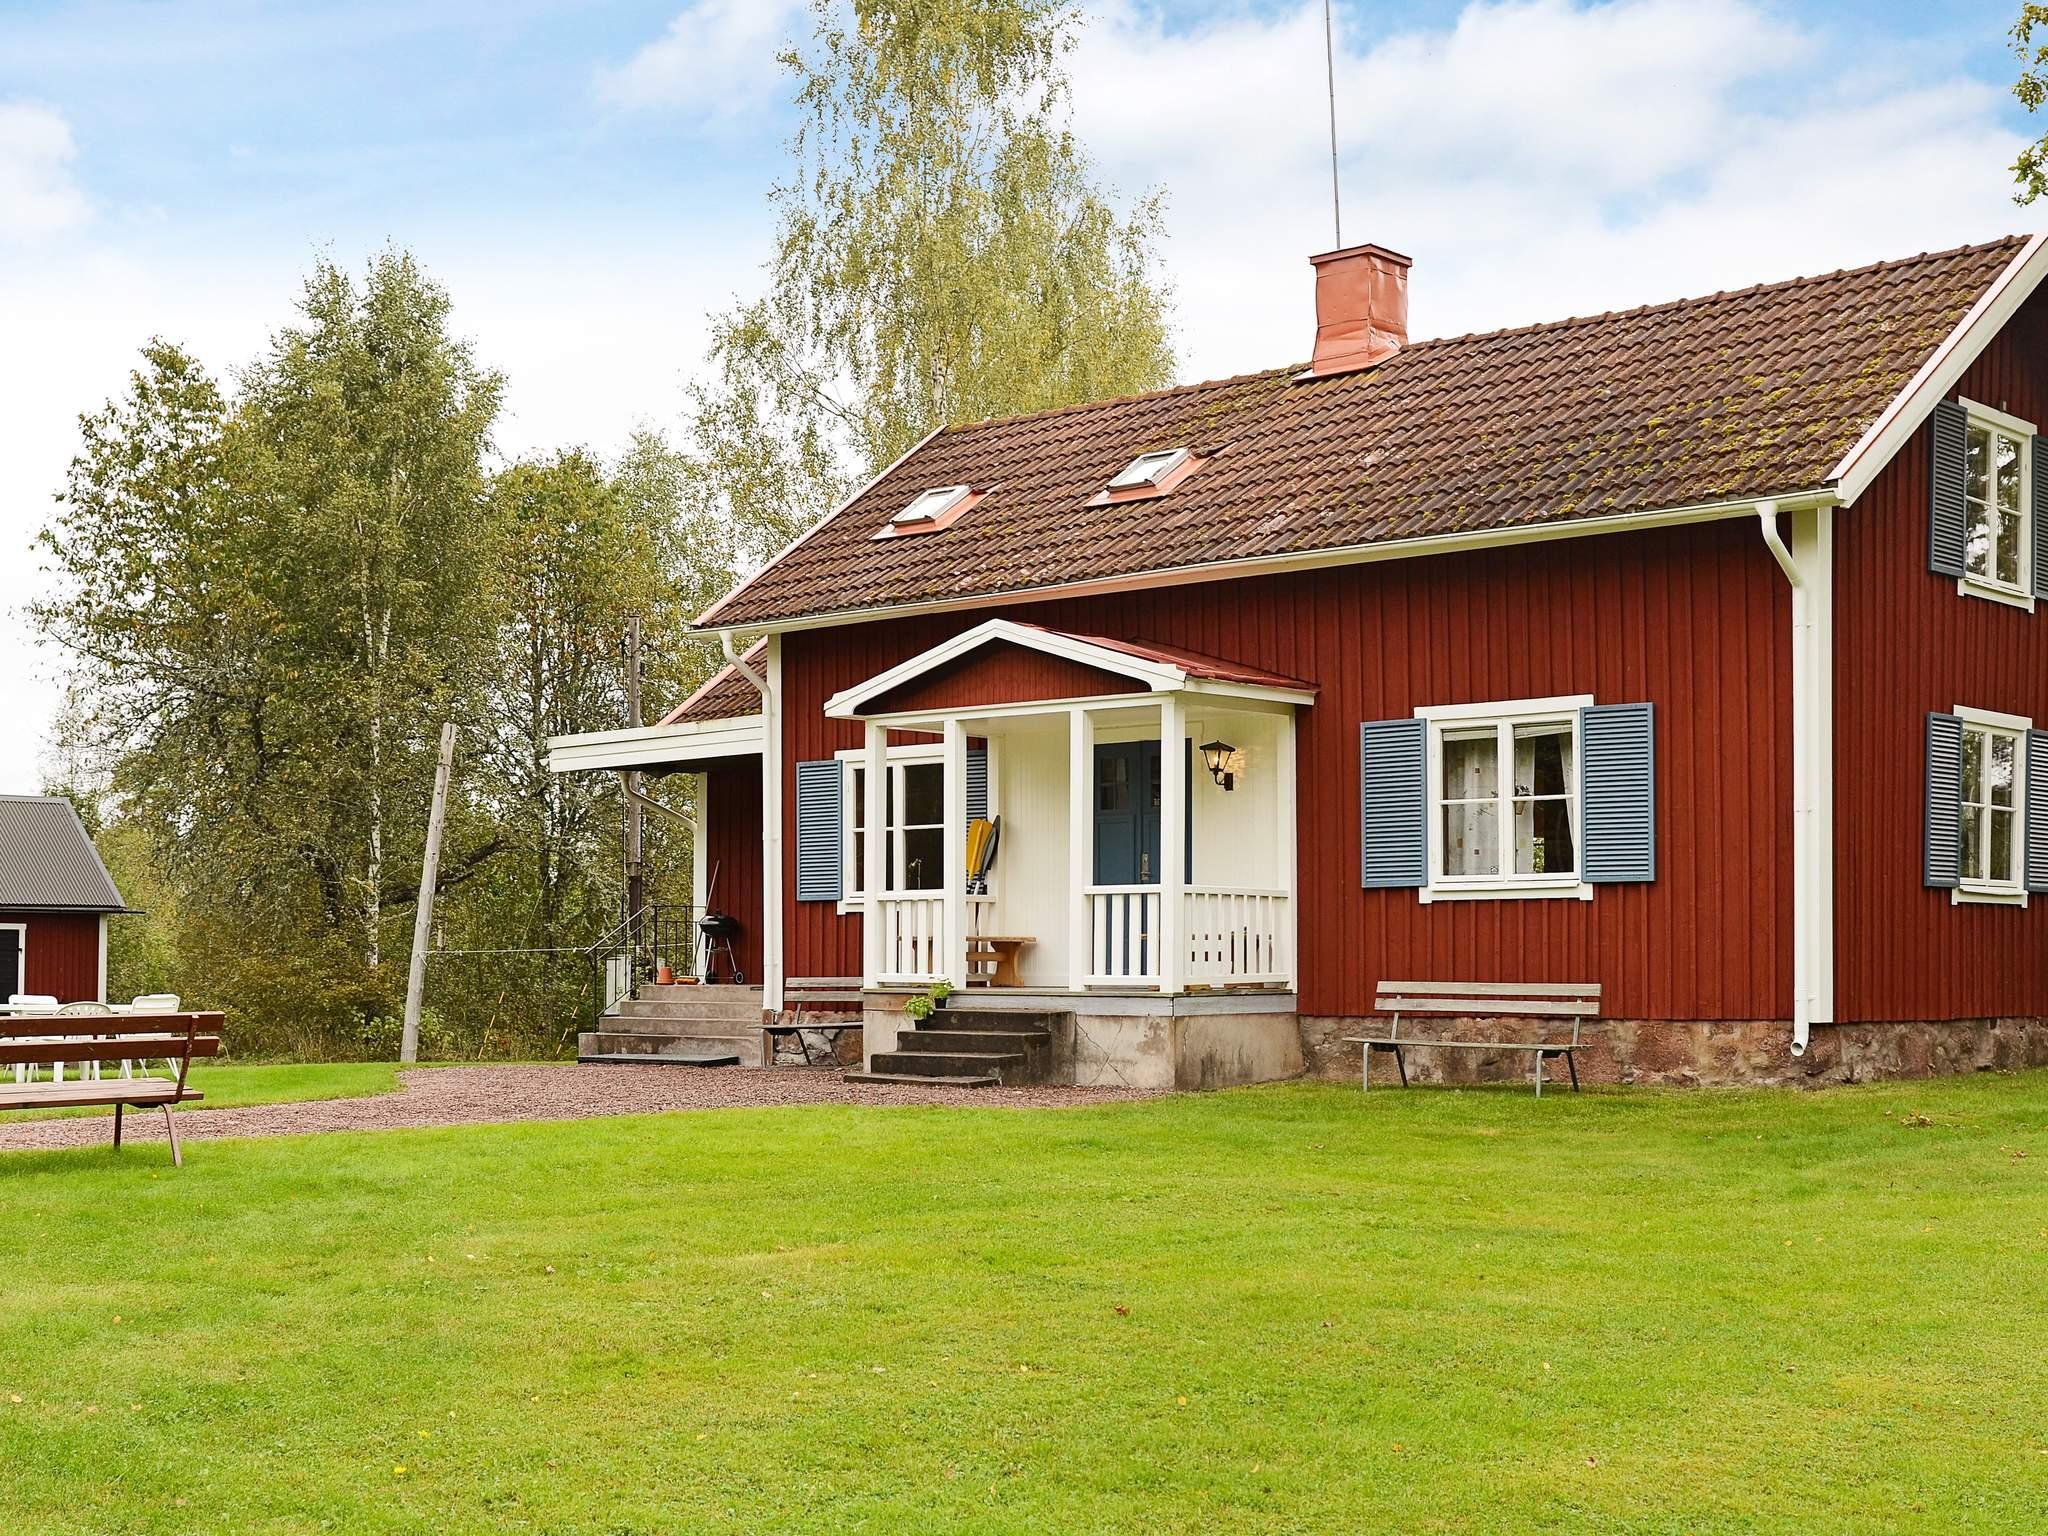 Ferienhaus Pauliström (630877), Pauliström, Jönköpings län, Südschweden, Schweden, Bild 1